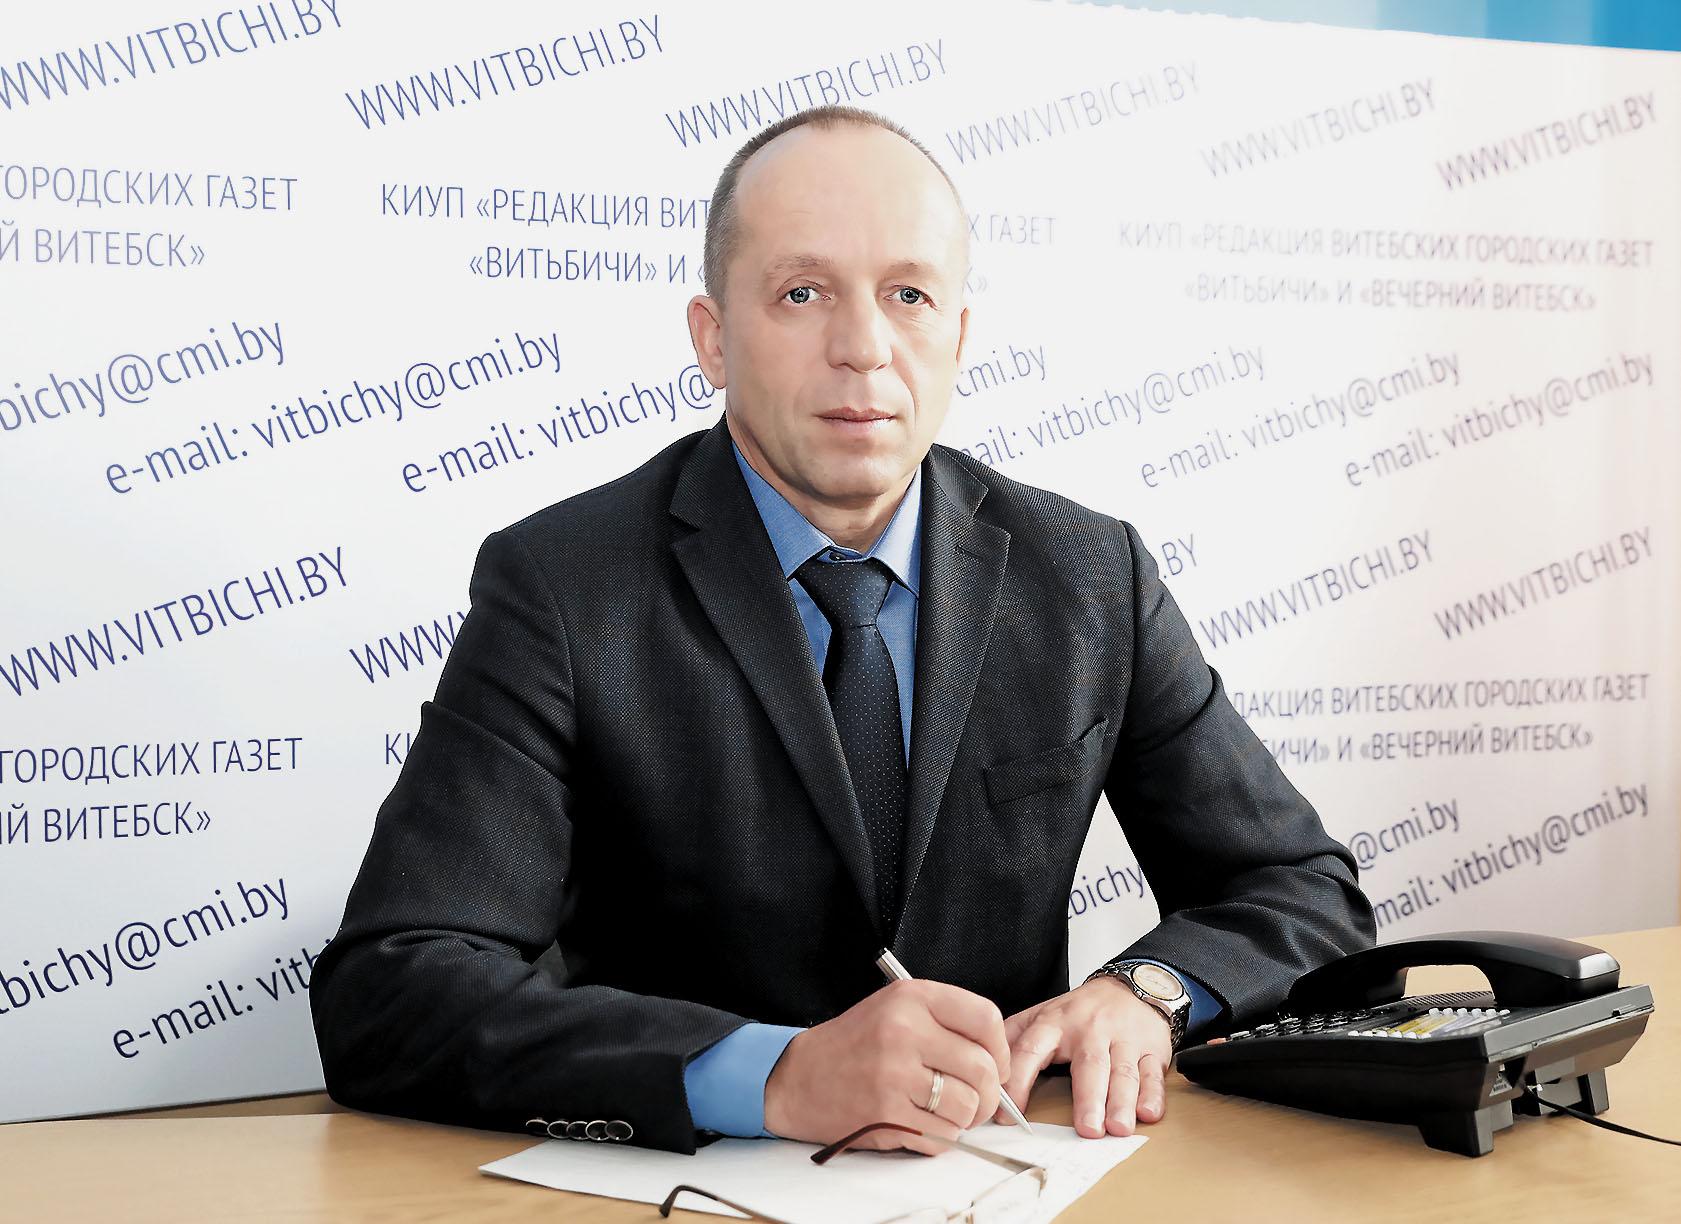 Полоцкий занальный центр эпидеологии и гигиены